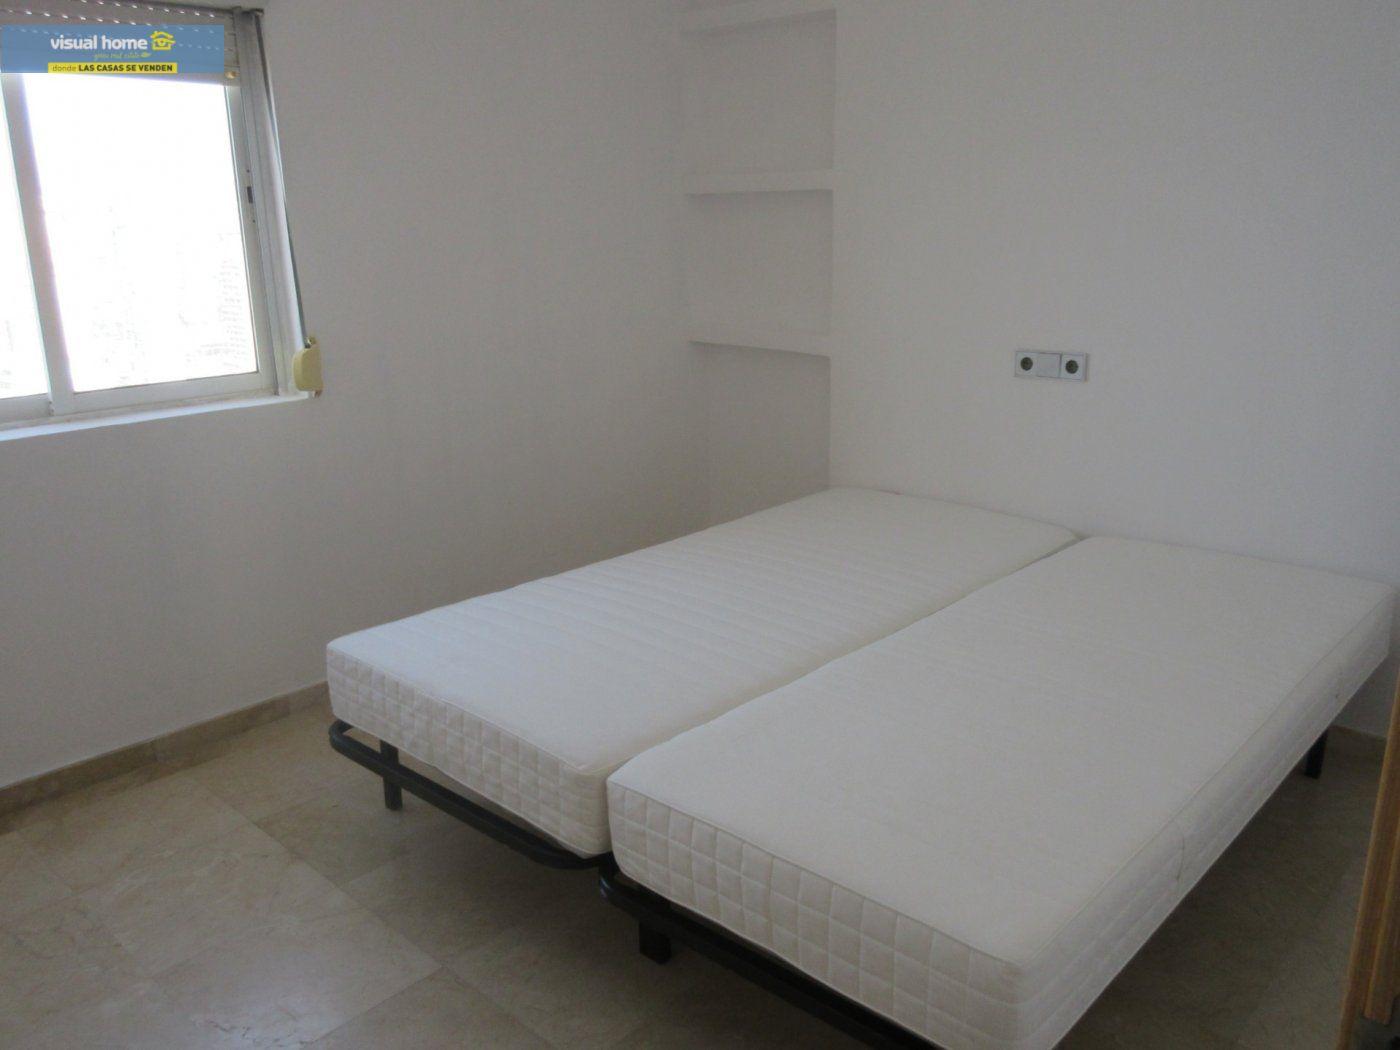 Apartamento de 1 dormitorio con espectaculares vistas  en 1ª linea de playa con parking y piscina 17